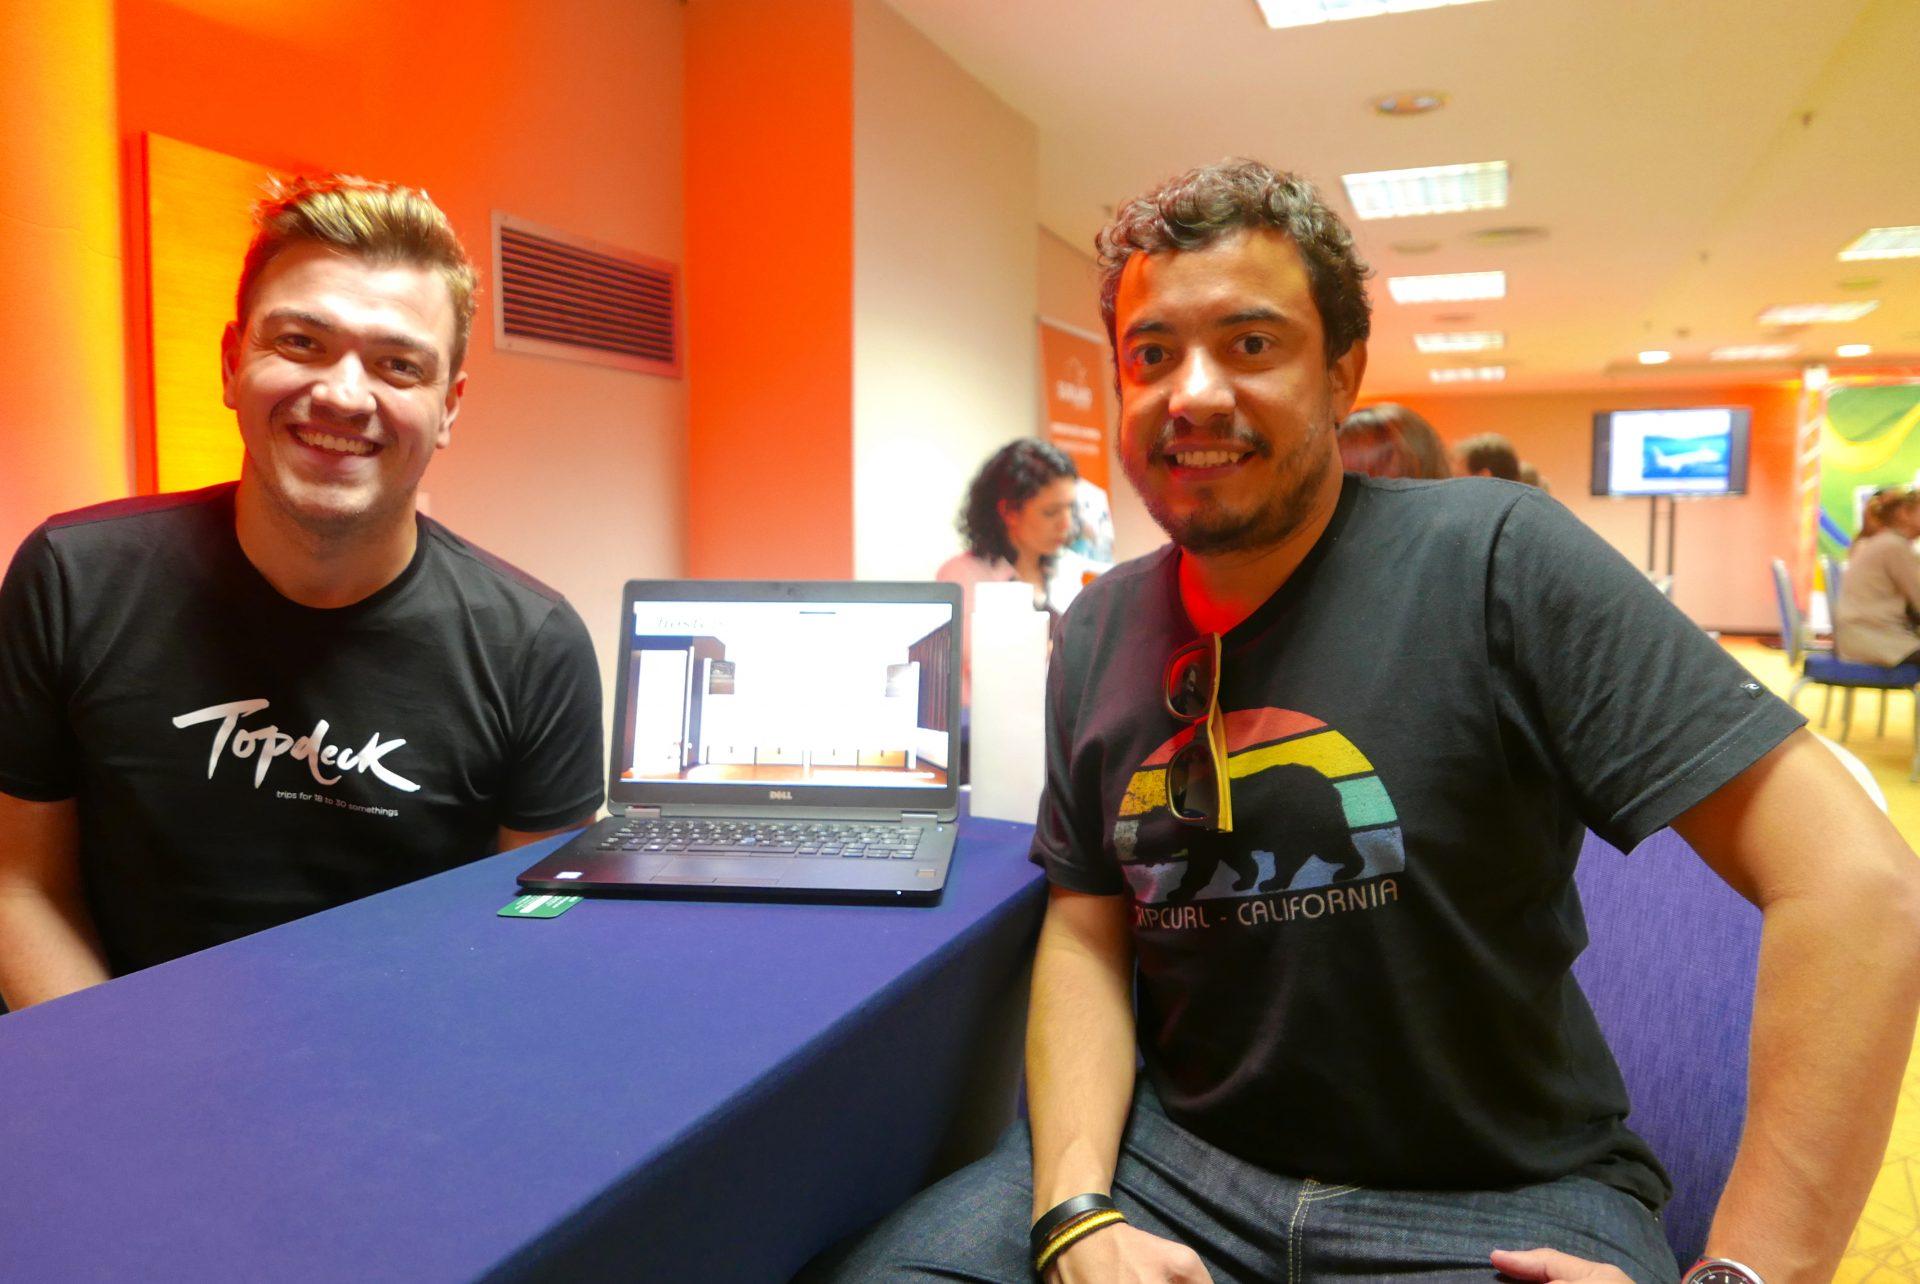 Bernardo de Lucia, gerente para a América Latina da TopDeck Travel, mostra as novidades a Luiz Carlos Junior, da Hangar Travel